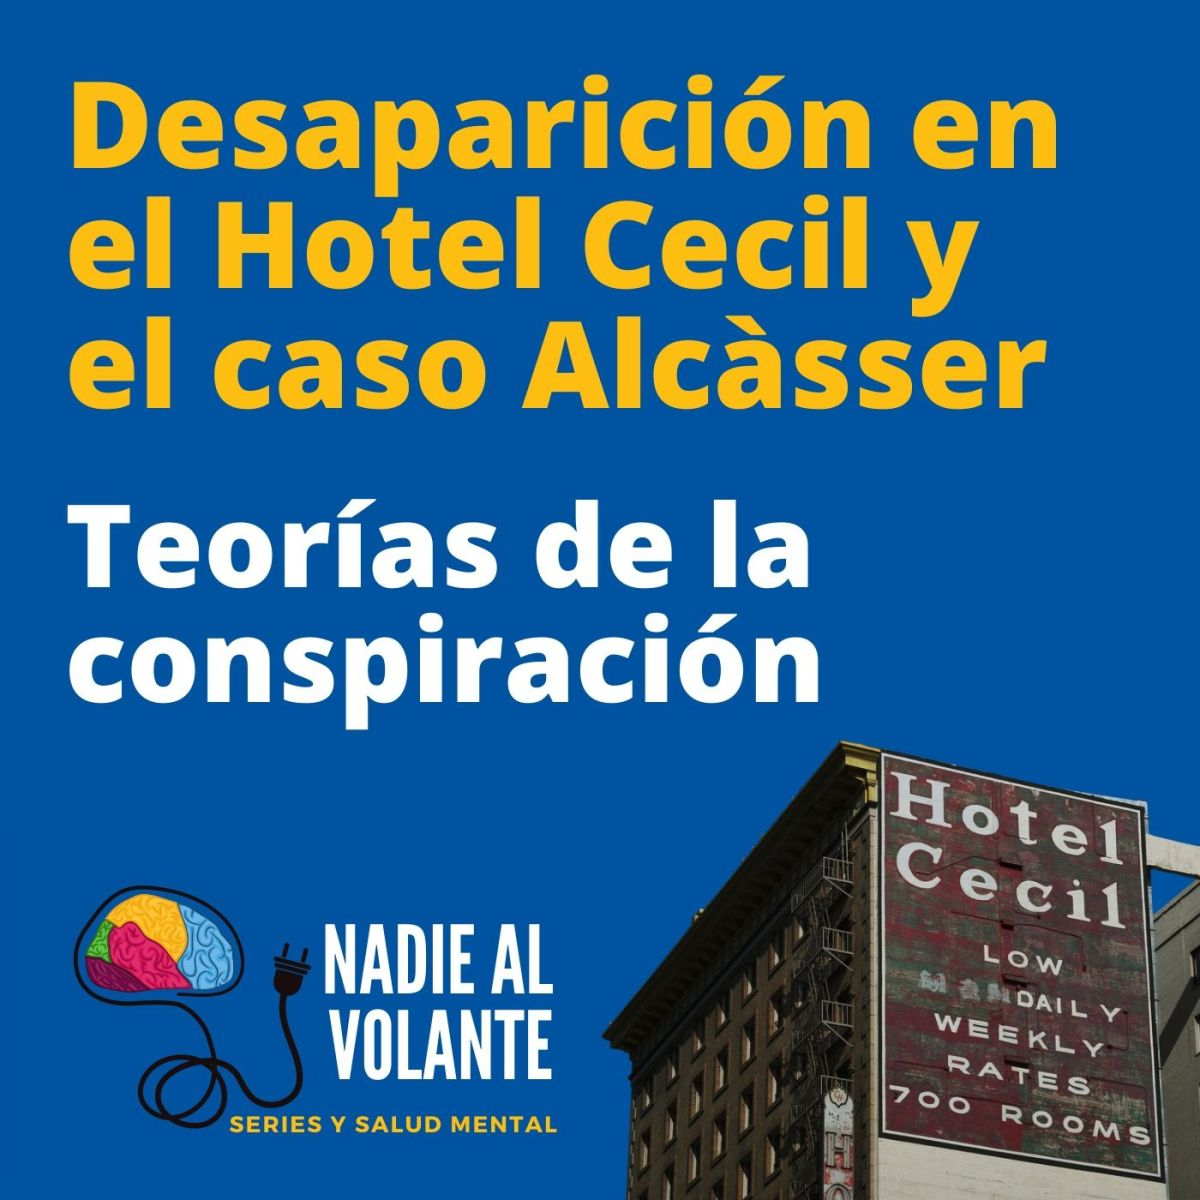 Desaparición en el Hotel Cecil, el Caso Alcàsser y las Teorías de la Conspiración